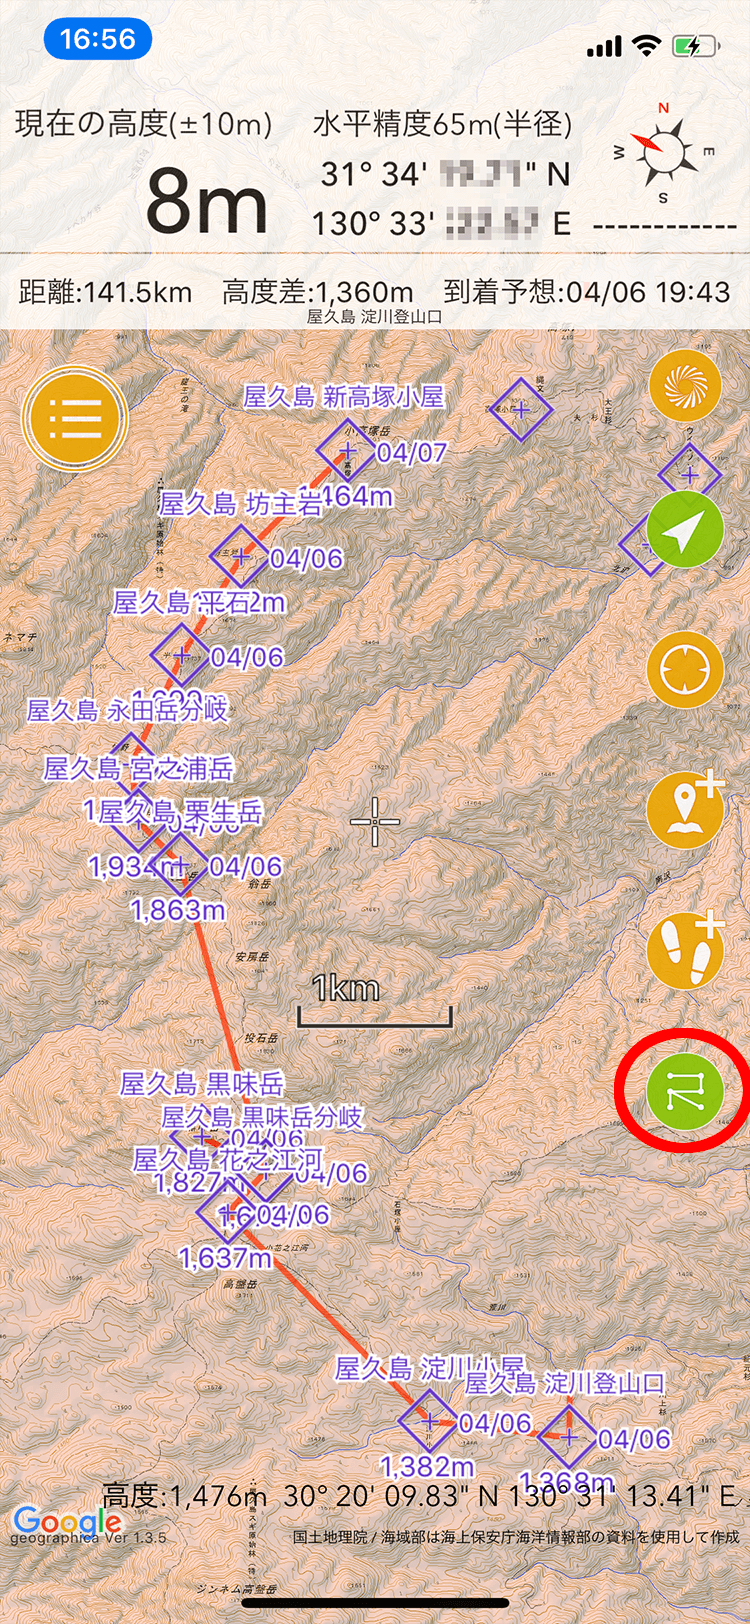 ジオグラフィカルート案内終了 - 鹿児島登山サークル